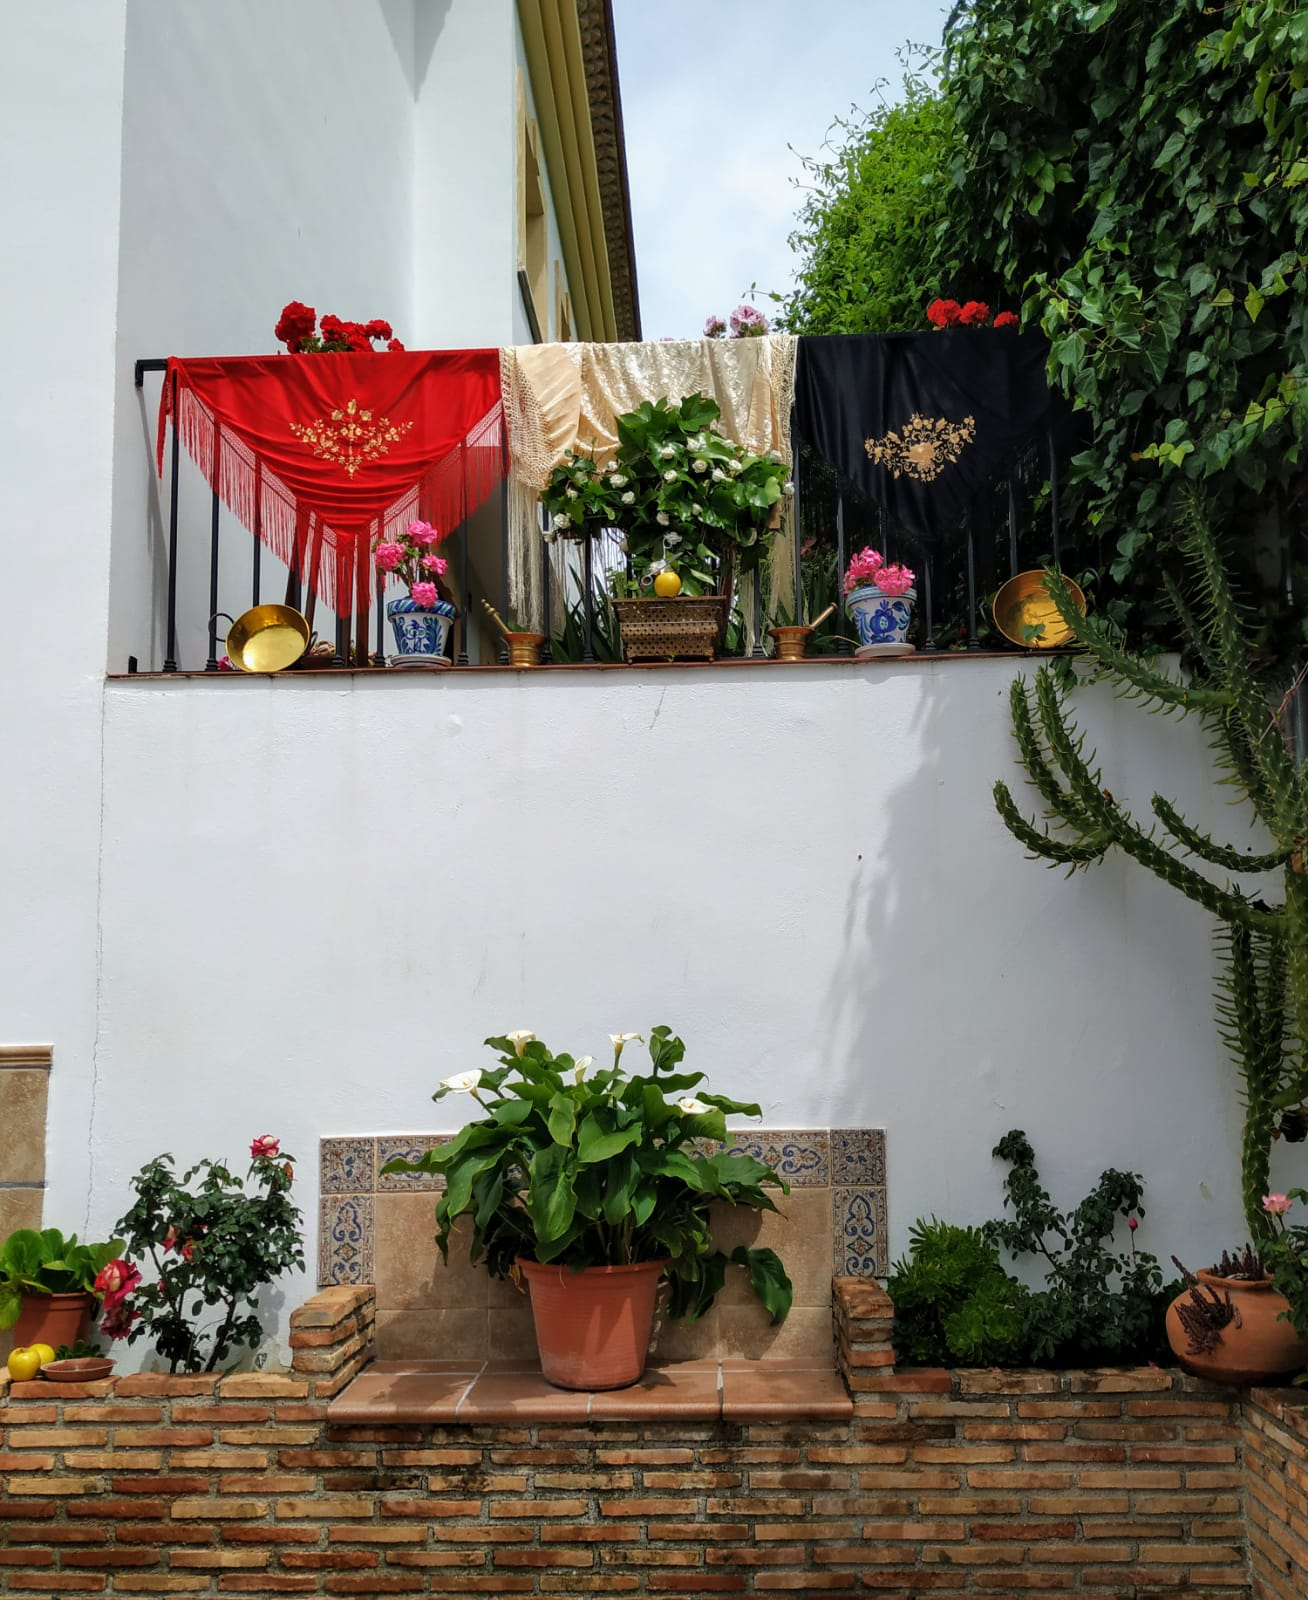 Montefrío pide a sus vecinos que engalanen sus balcones para celebrar el Día de la Cruz, en el que volverán las cruces tradicionales